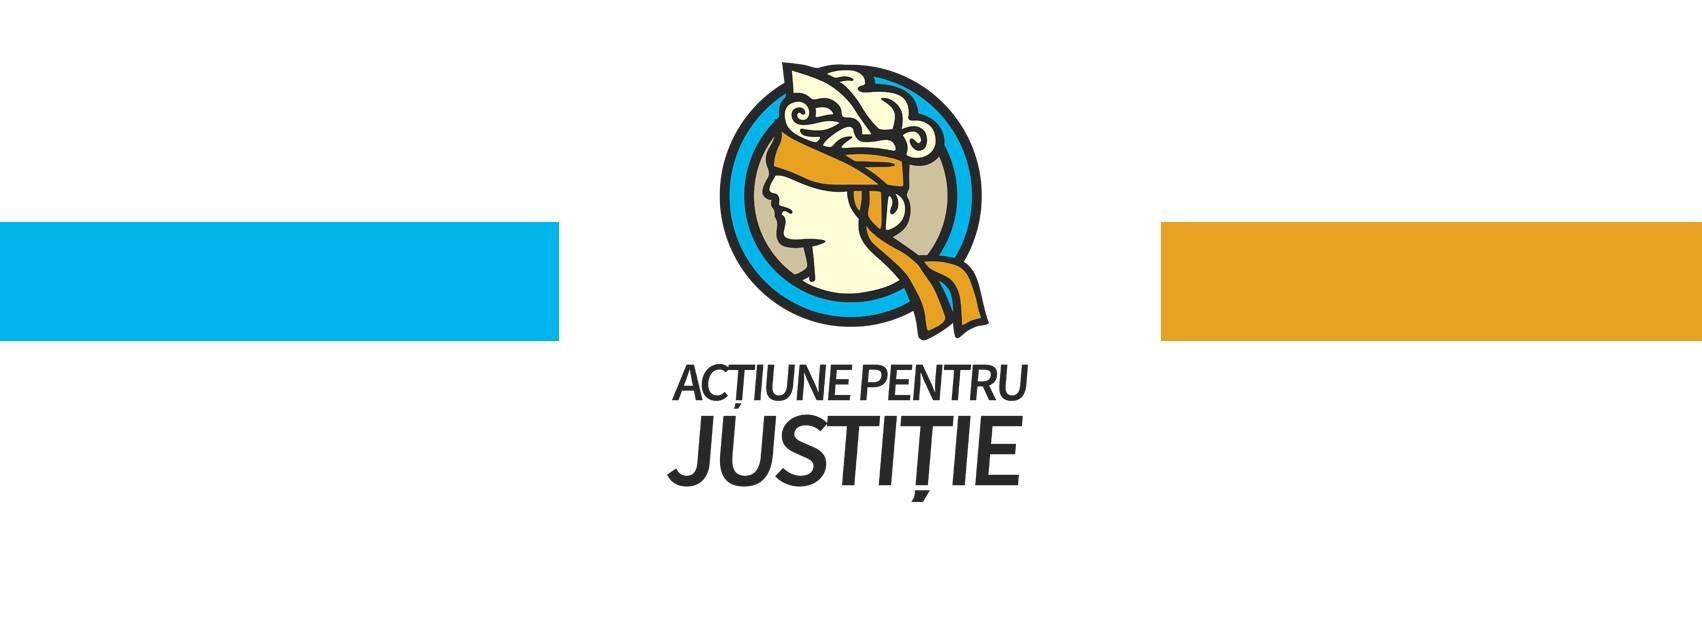 """Tinerii juriști, invitați să se înscrie la cea de-a IV-a ediție a proiectului """"Acțiune pentru Justiție"""""""